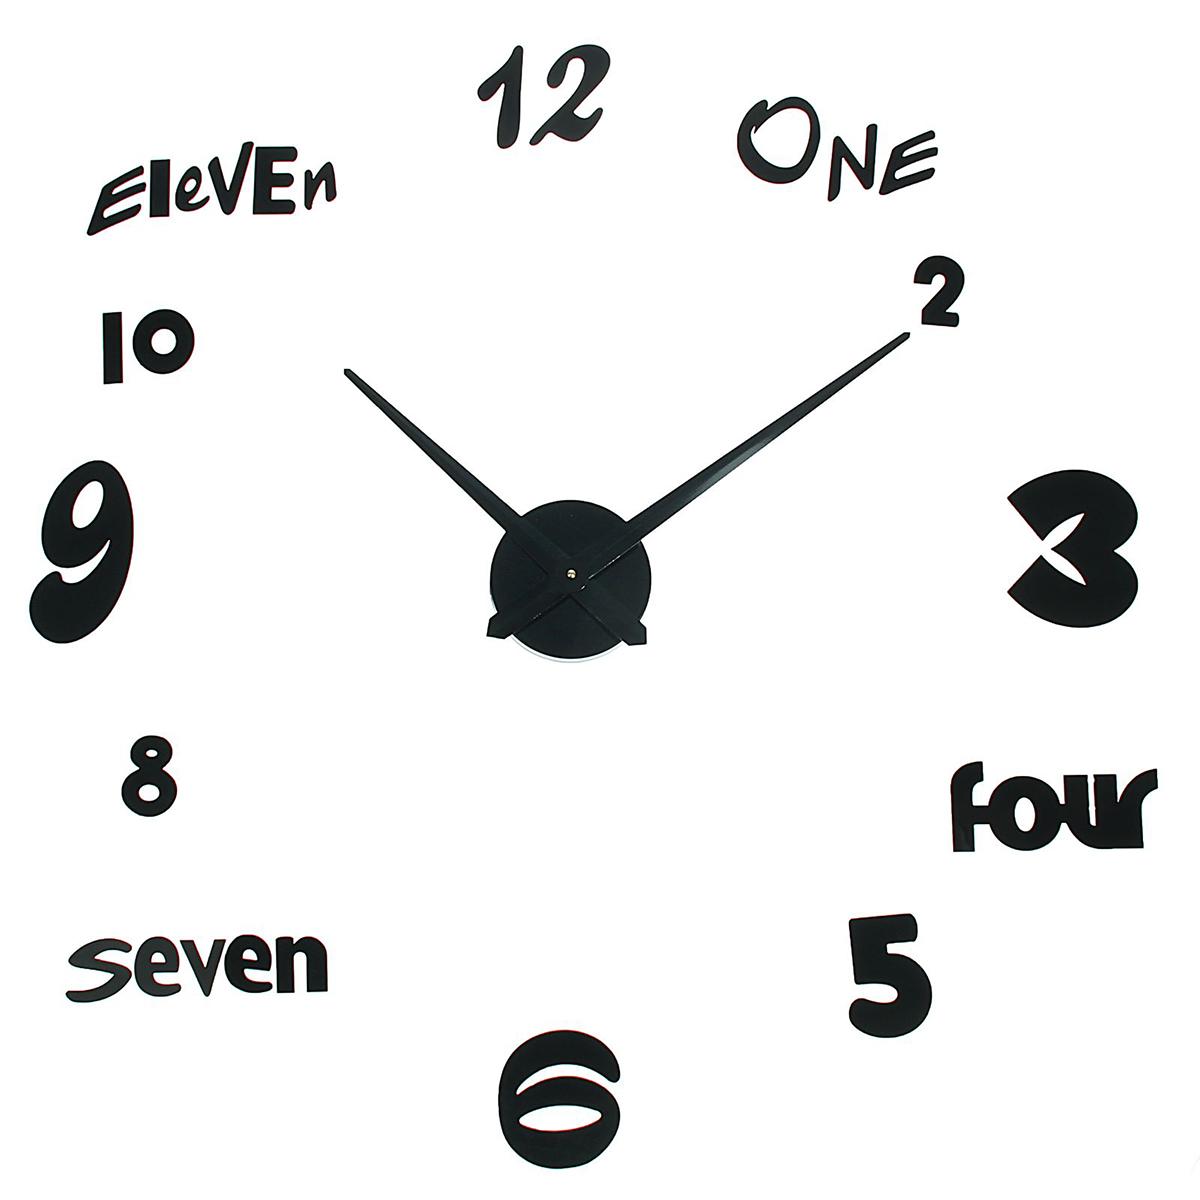 """Часы-наклейки продолжают завоевывать популярность по всему миру. Их используют вместо картин, постеров или рамок для фото. Такой элемент декора впишется в любой интерьер и преобразит комнату за считанные минуты. Преимущества При желании размеры изделия можно изменить в большую или меньшую сторону. Все элементы легко наклеиваются и снимаются. Подходят для любых ровных поверхностей (стен, потолков, кафеля, стекла, мебели). Характеристики Механизм работает от одной батарейки АА (не входит в комплект). Легкая основа для цифр надежно крепится. Размеры стрелок Минутная: 38,8 см. Часовая: 37,5 см. Создавайте часы в собственном стиле, проявляйте изобретательность и креативность. Не обязательно располагать числа по кругу — придайте аксессуару необычную форму, поменяйте диаметр циферблата, используйте не все элементы. Комплектующие легко клеятся на стену и без труда снимаются, поэтому смело воплощайте идеи в жизнь! У вас всегда будет возможность отсоединить детали и сделать все заново.Часы-наклейка DIY """"Объём модерн"""", черные, 120см 1306704"""